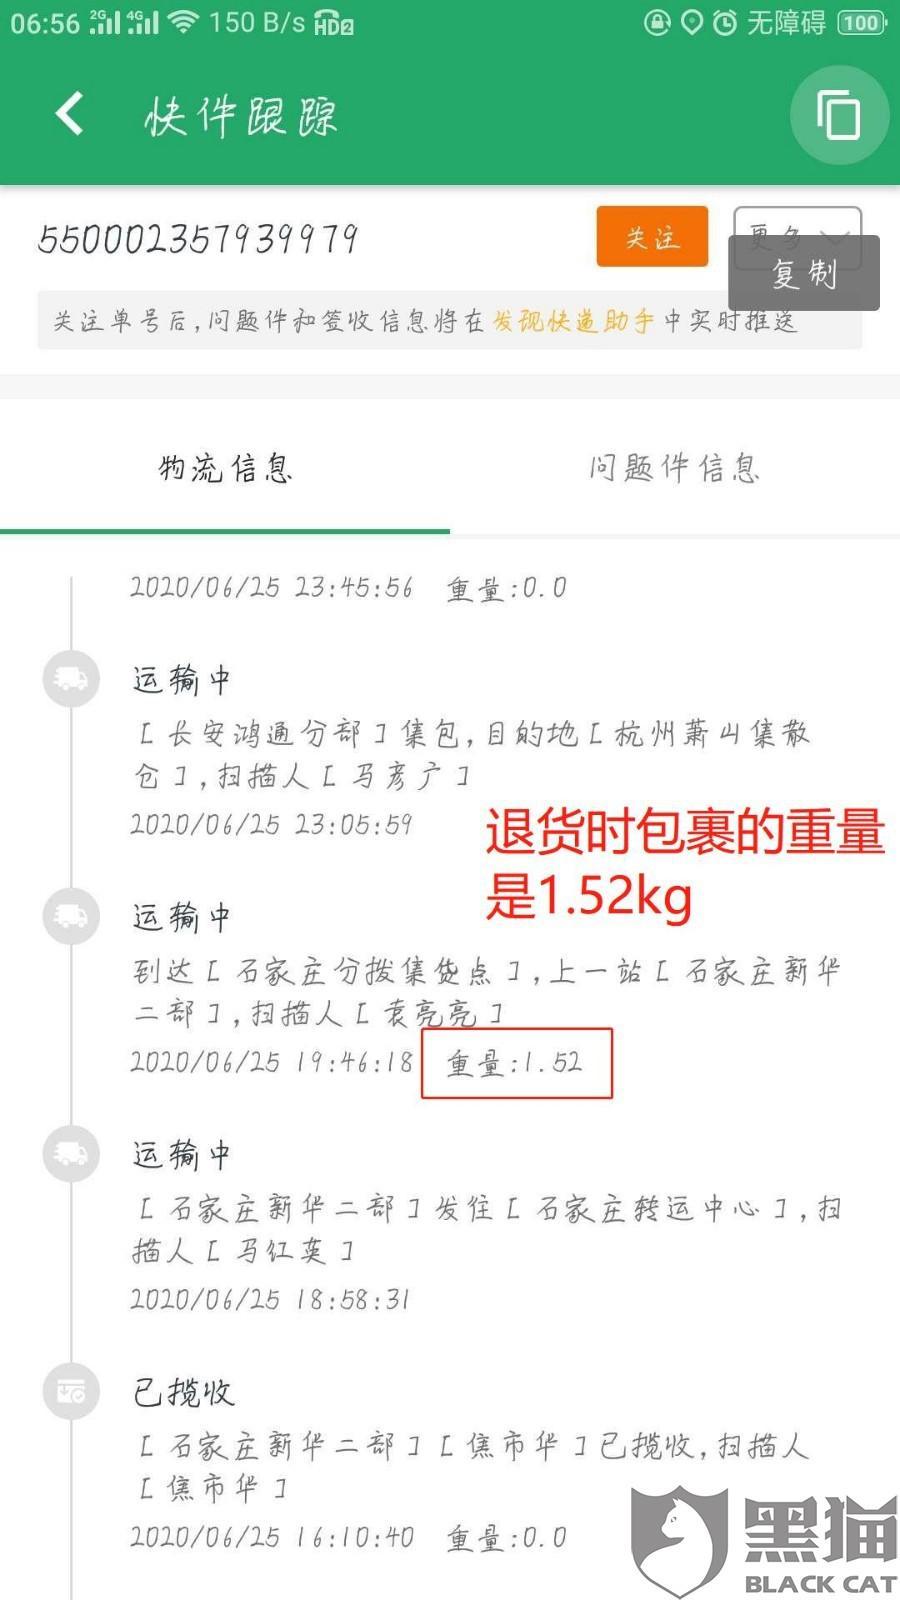 黑猫投诉:大彤997 商家货物调包,蘑菇街客服不处理,偏袒商家